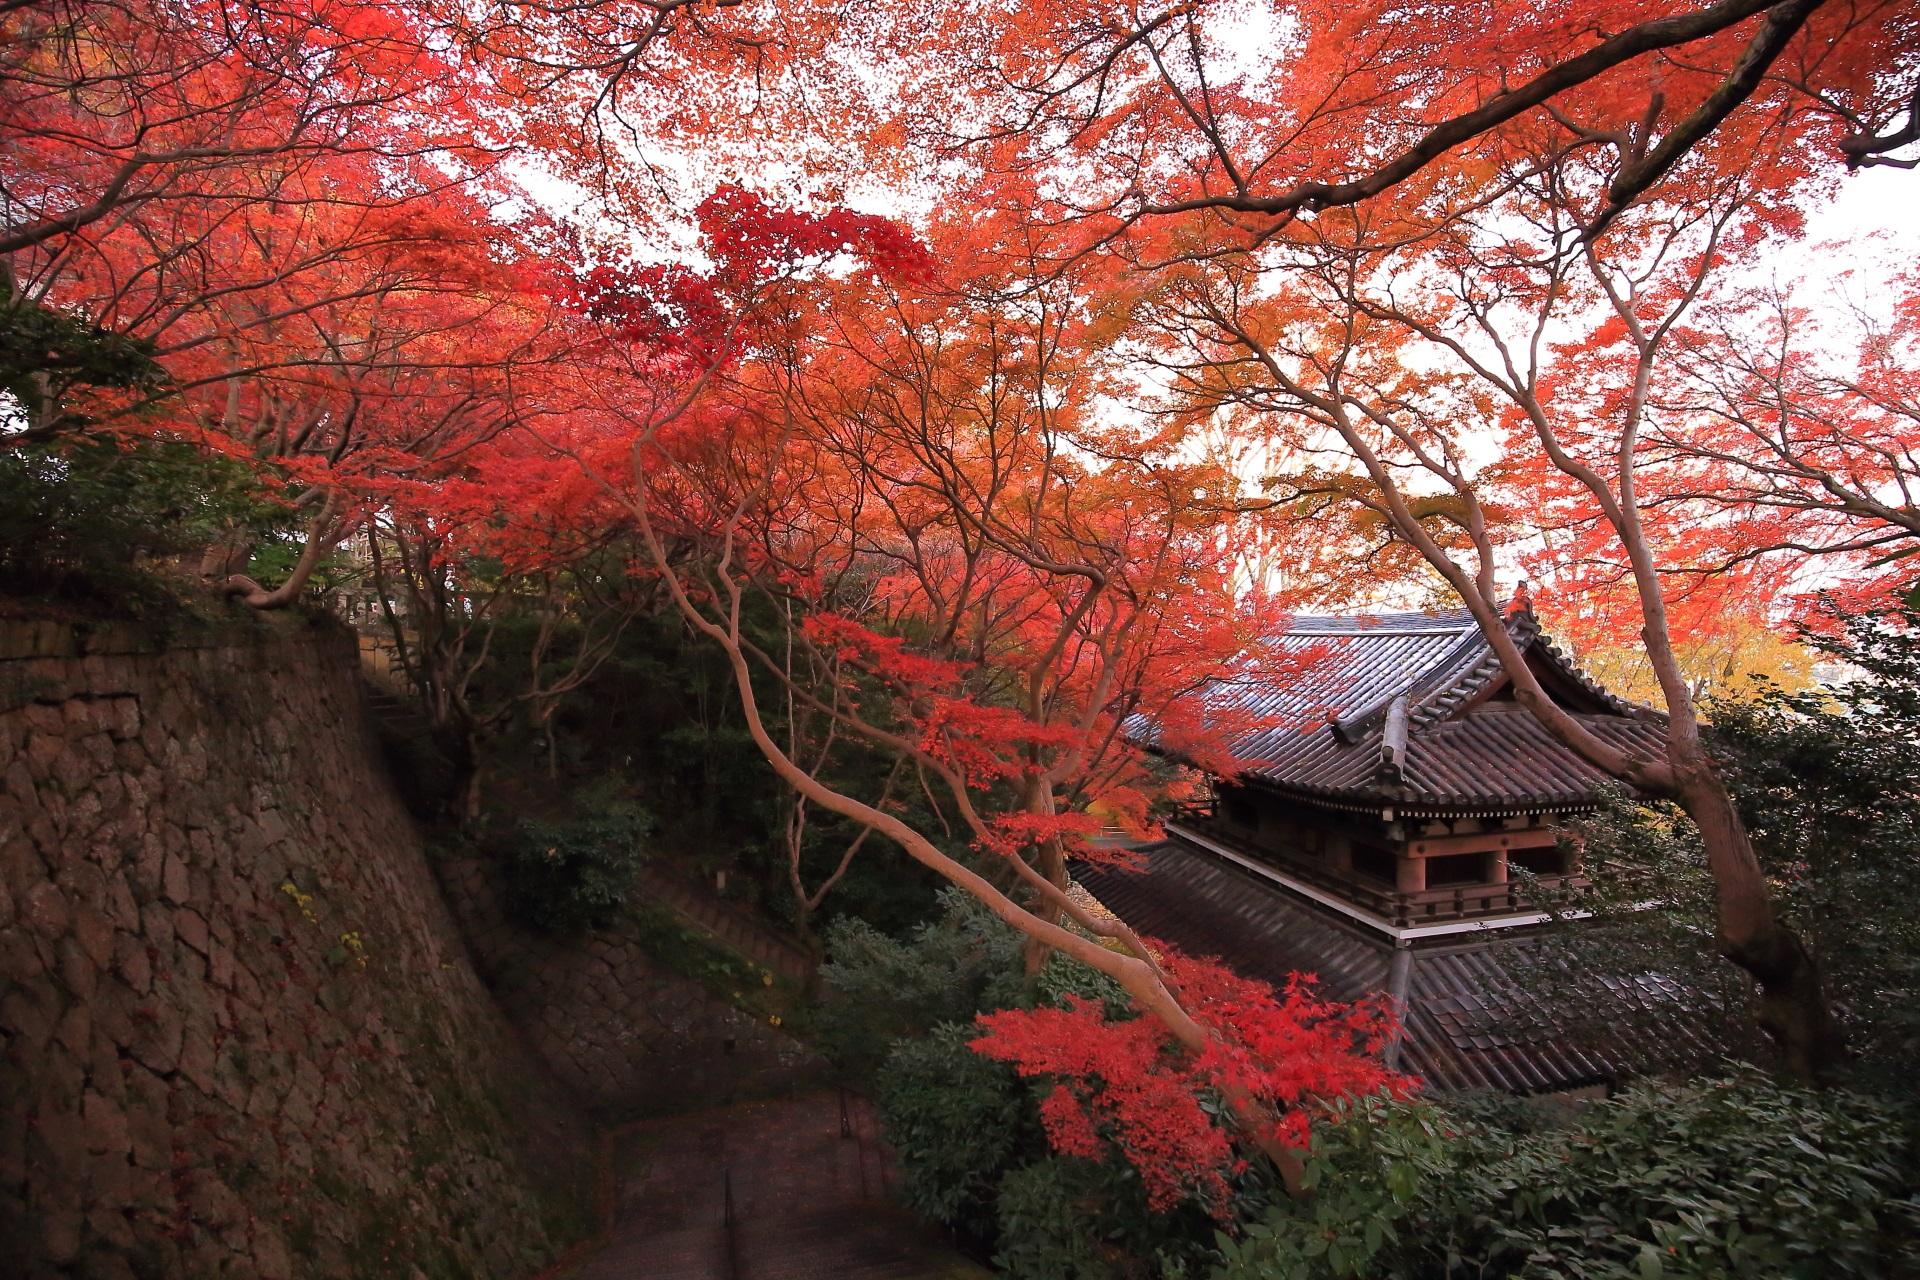 雄大な仁王門と空をつつむ紅葉